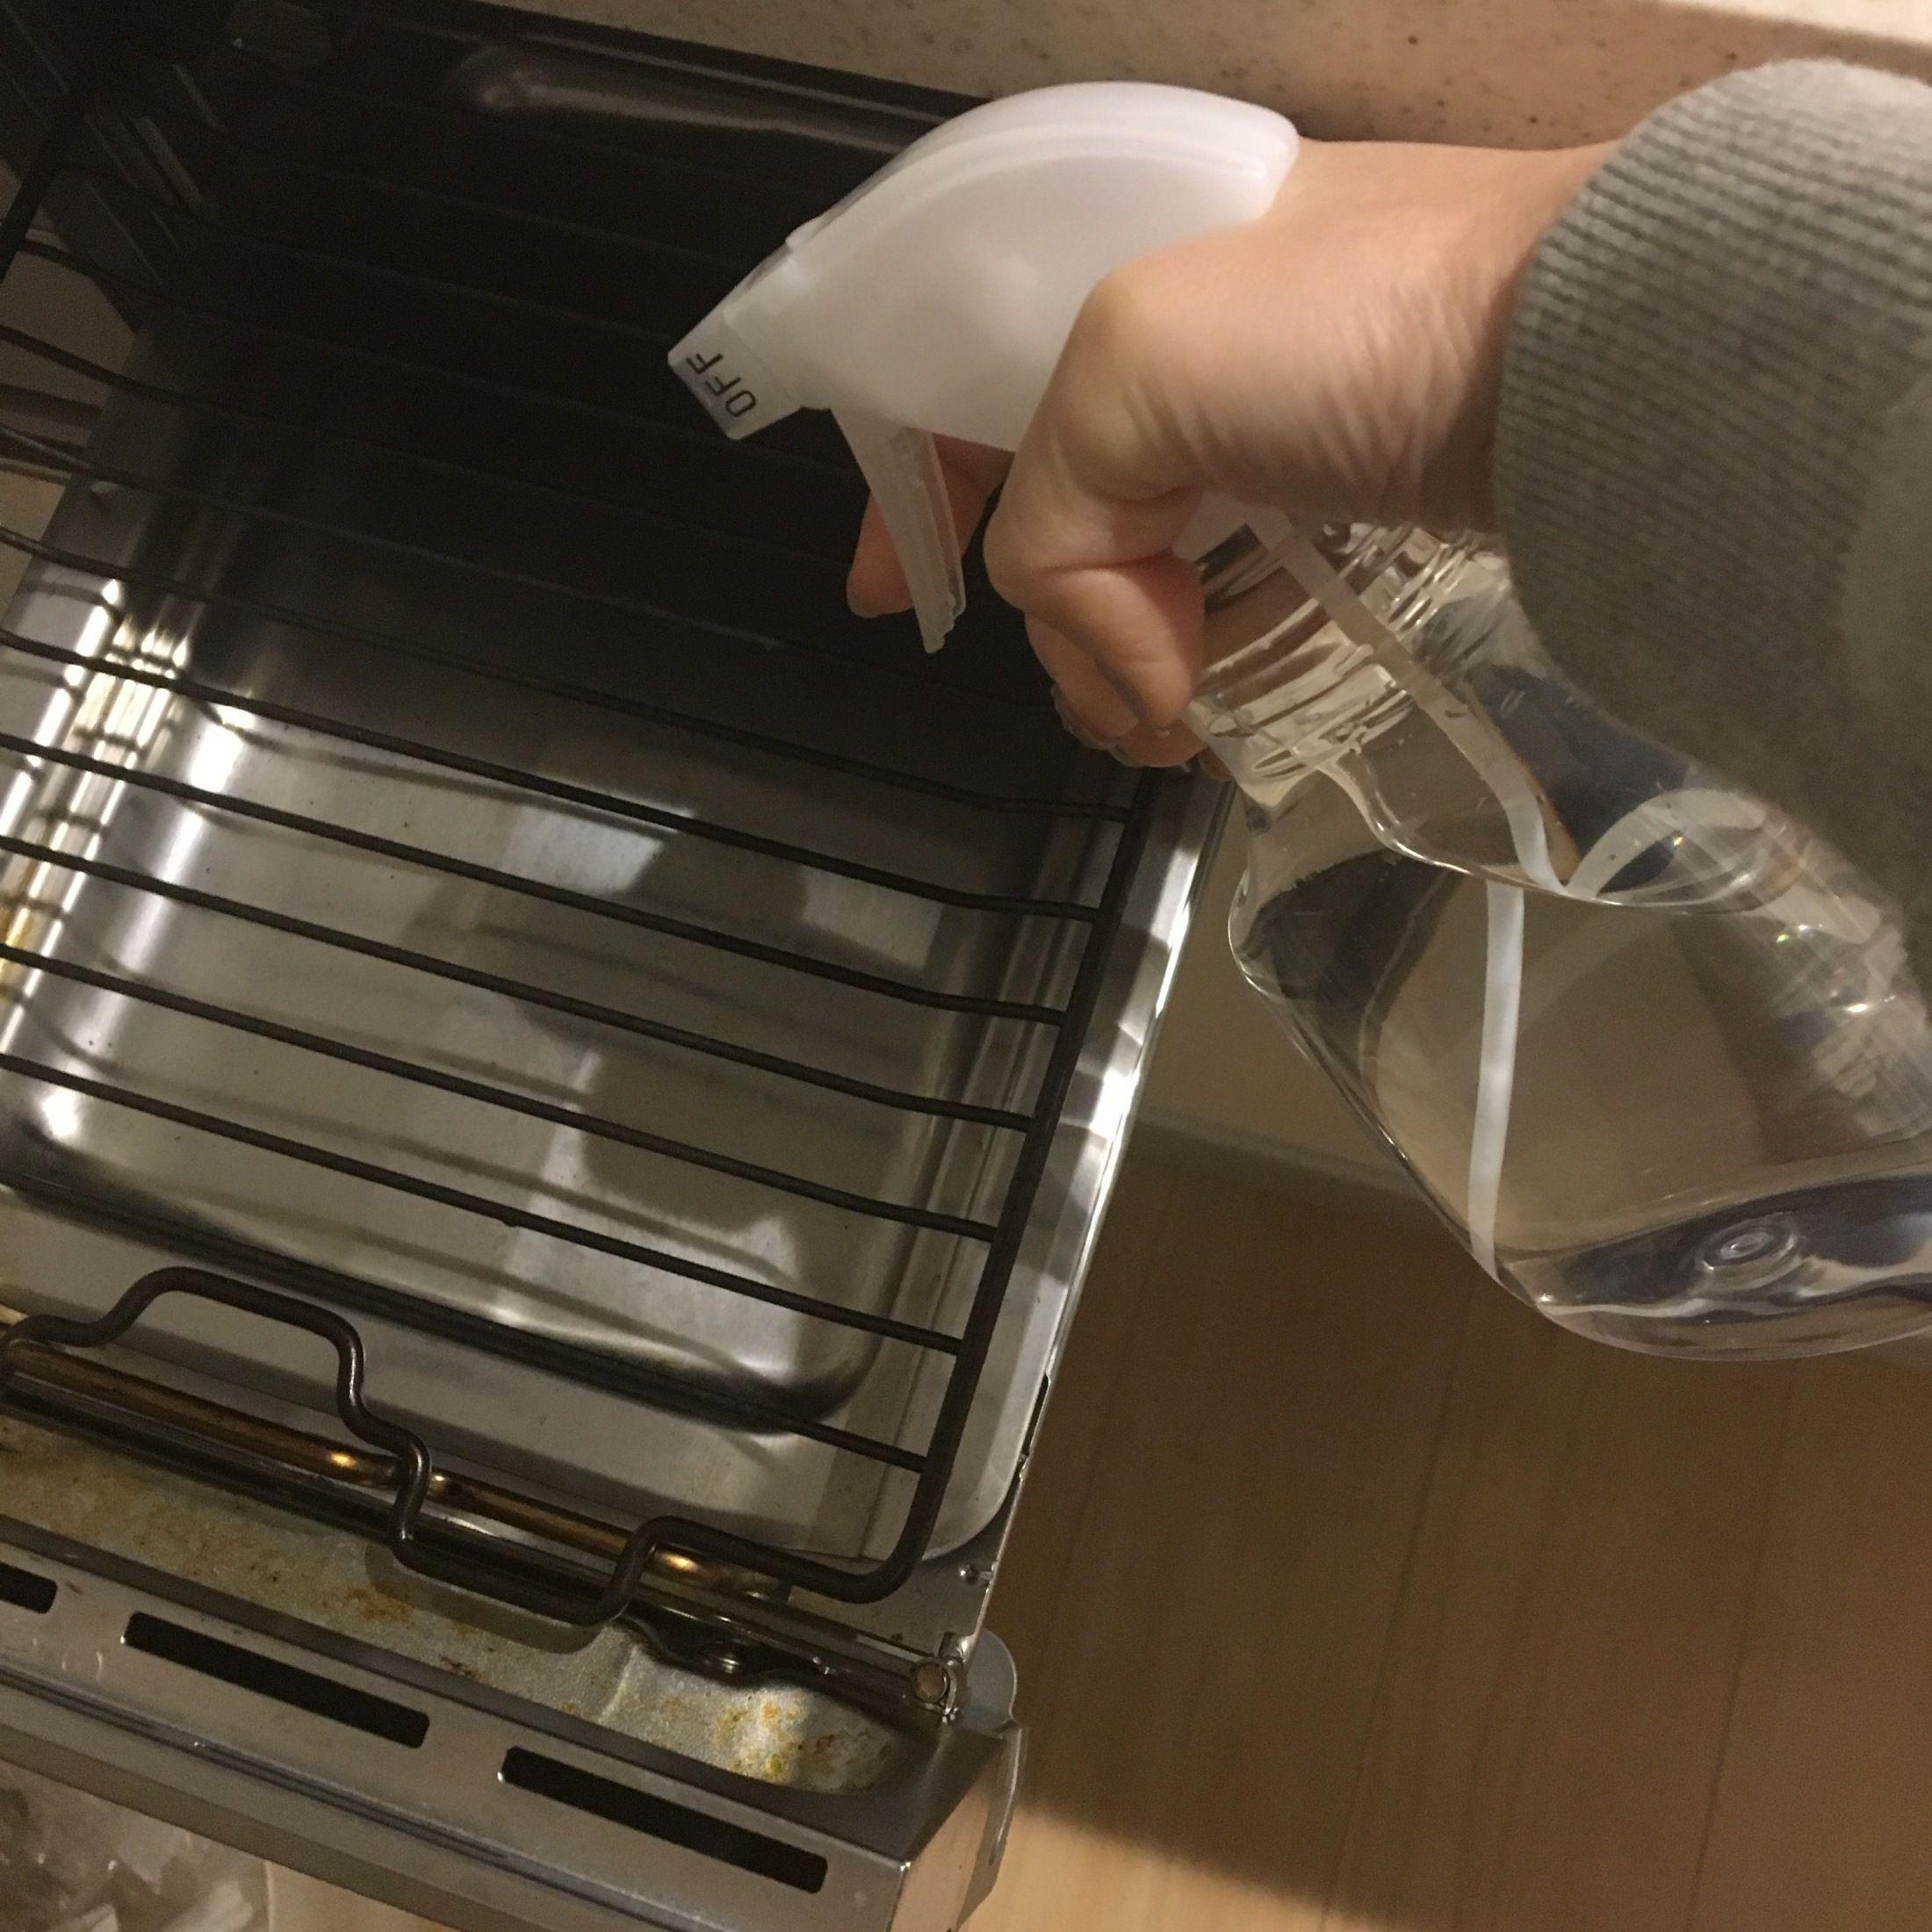 キッチンの油汚れがラクラク落ちる セスキ炭酸ソーダ で大掃除を